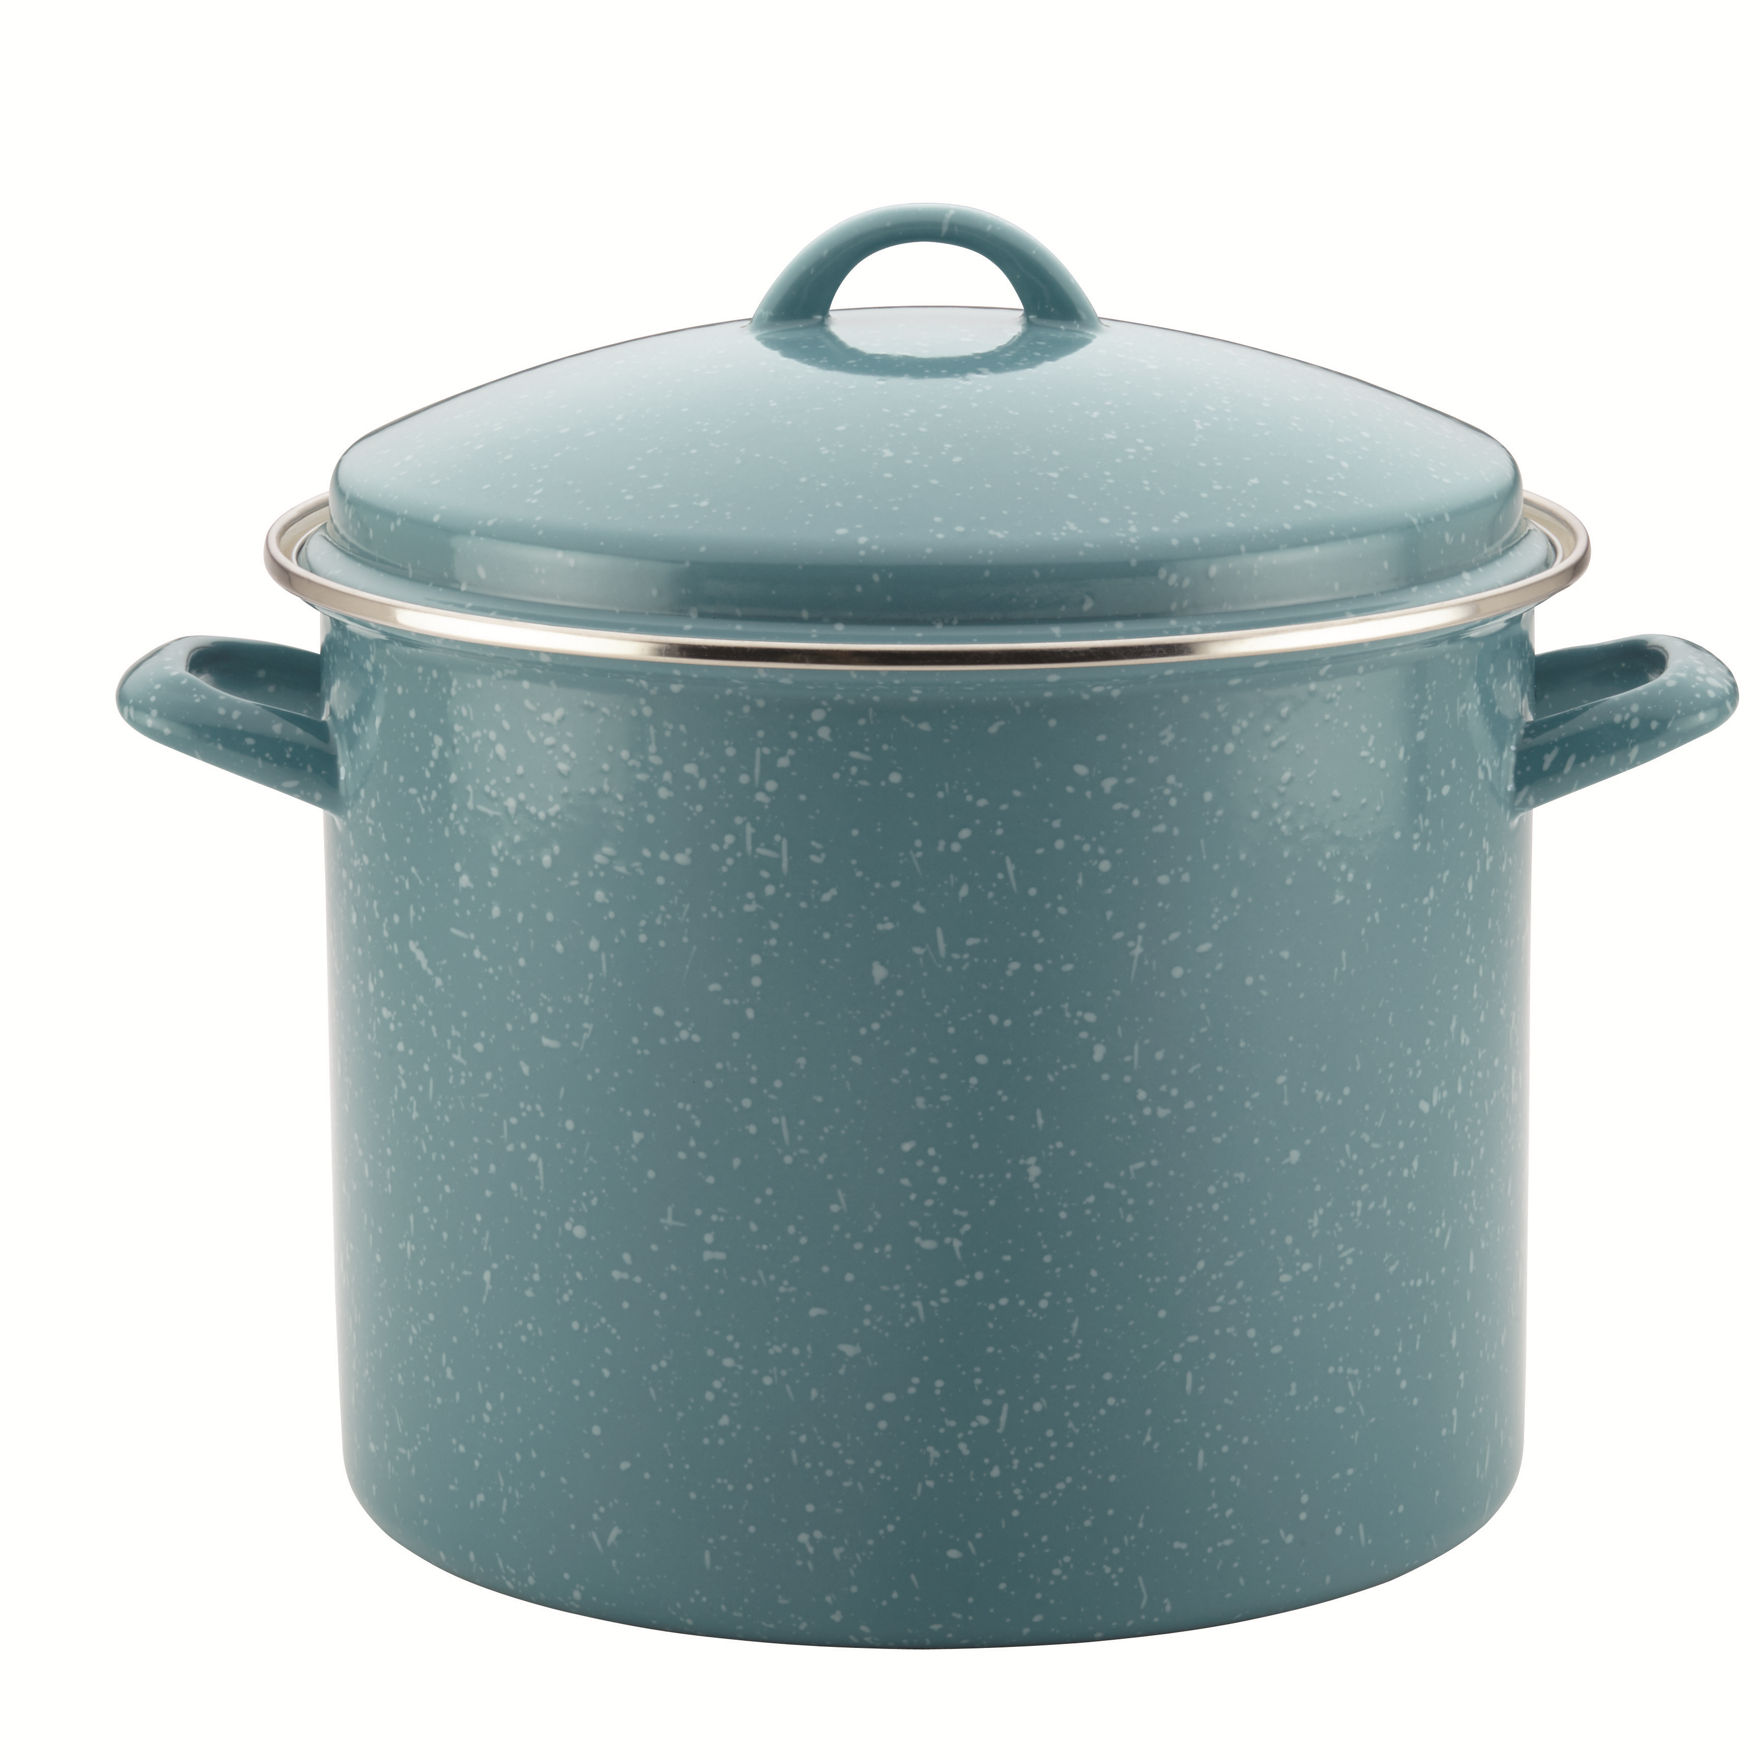 Paula Deen Blue Pots & Dutch Ovens Cookware